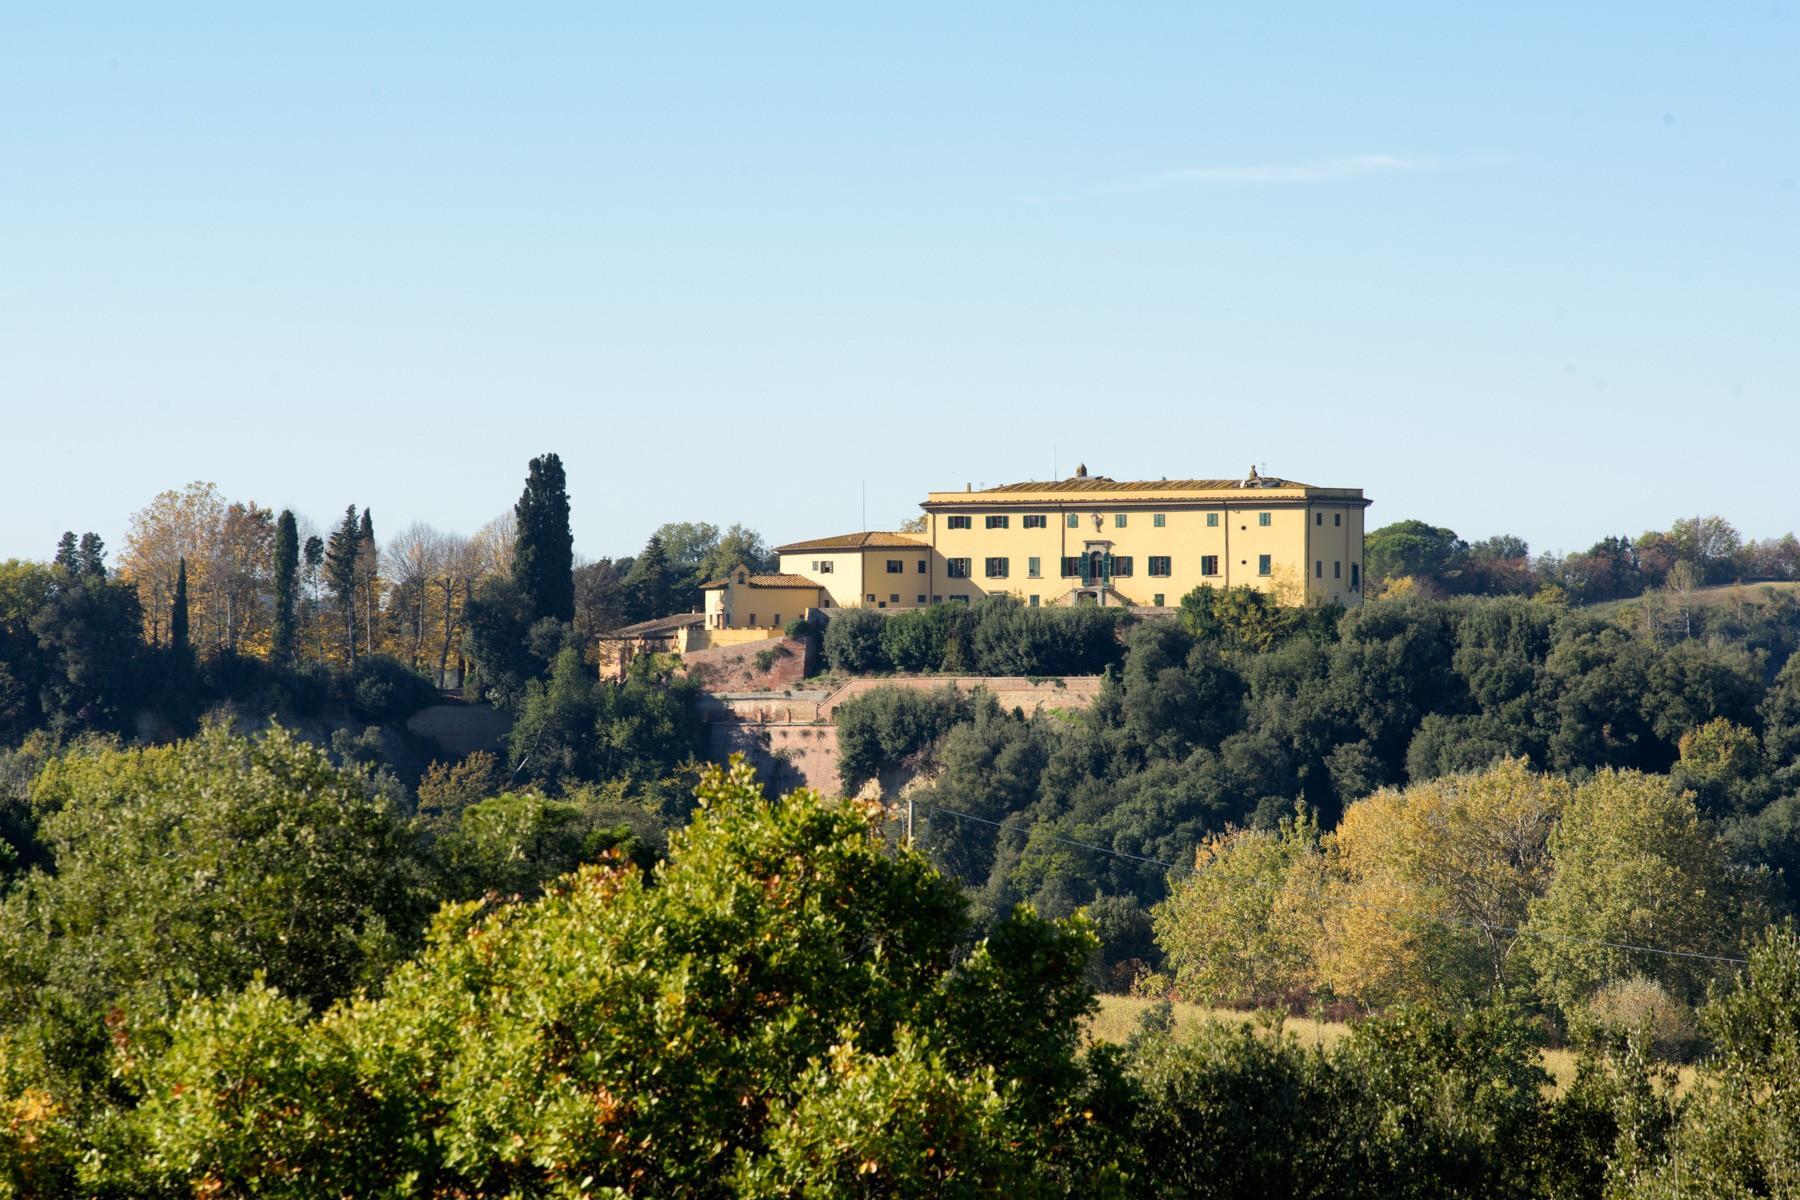 Magnifique villa historique et réserve de chasse près de Florence - 1